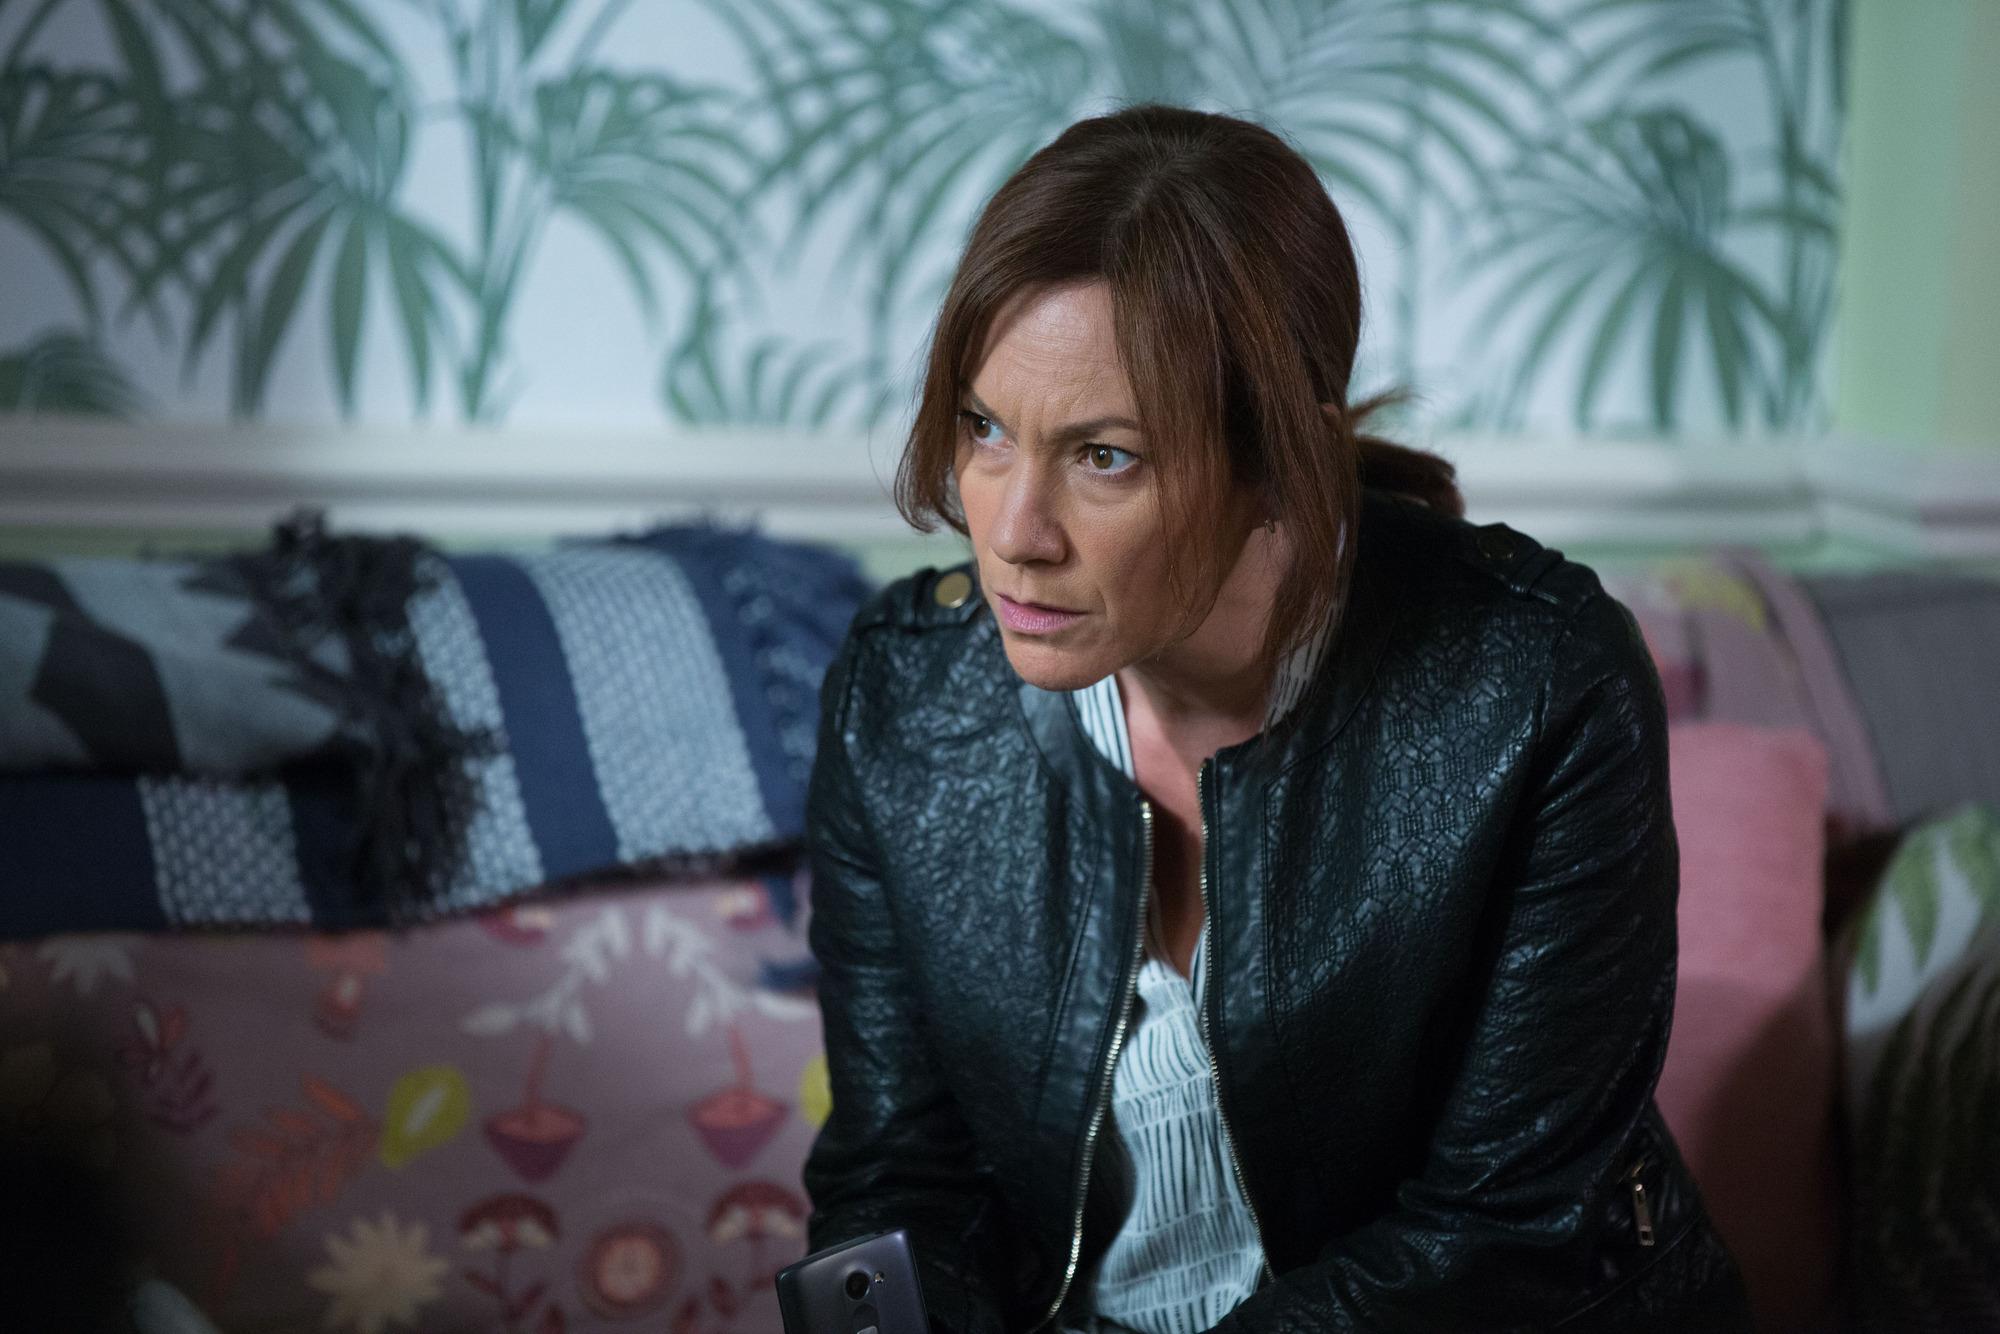 Rainie turns to drugs in EastEnders